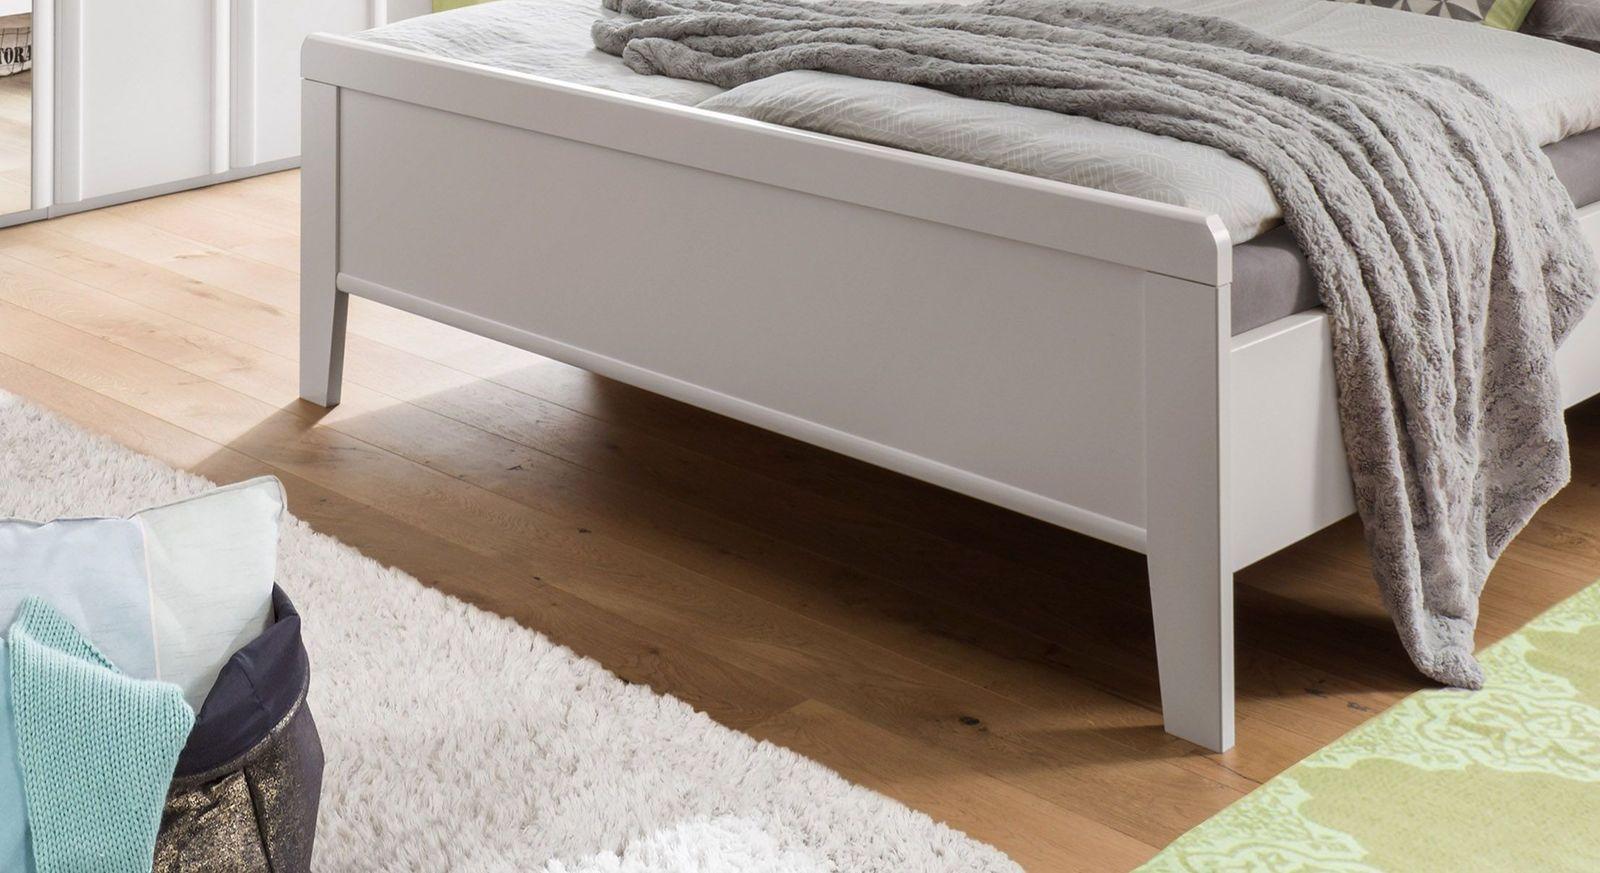 Komfort-Doppelbett Calimera mit leicht erhöhtem Fußteil